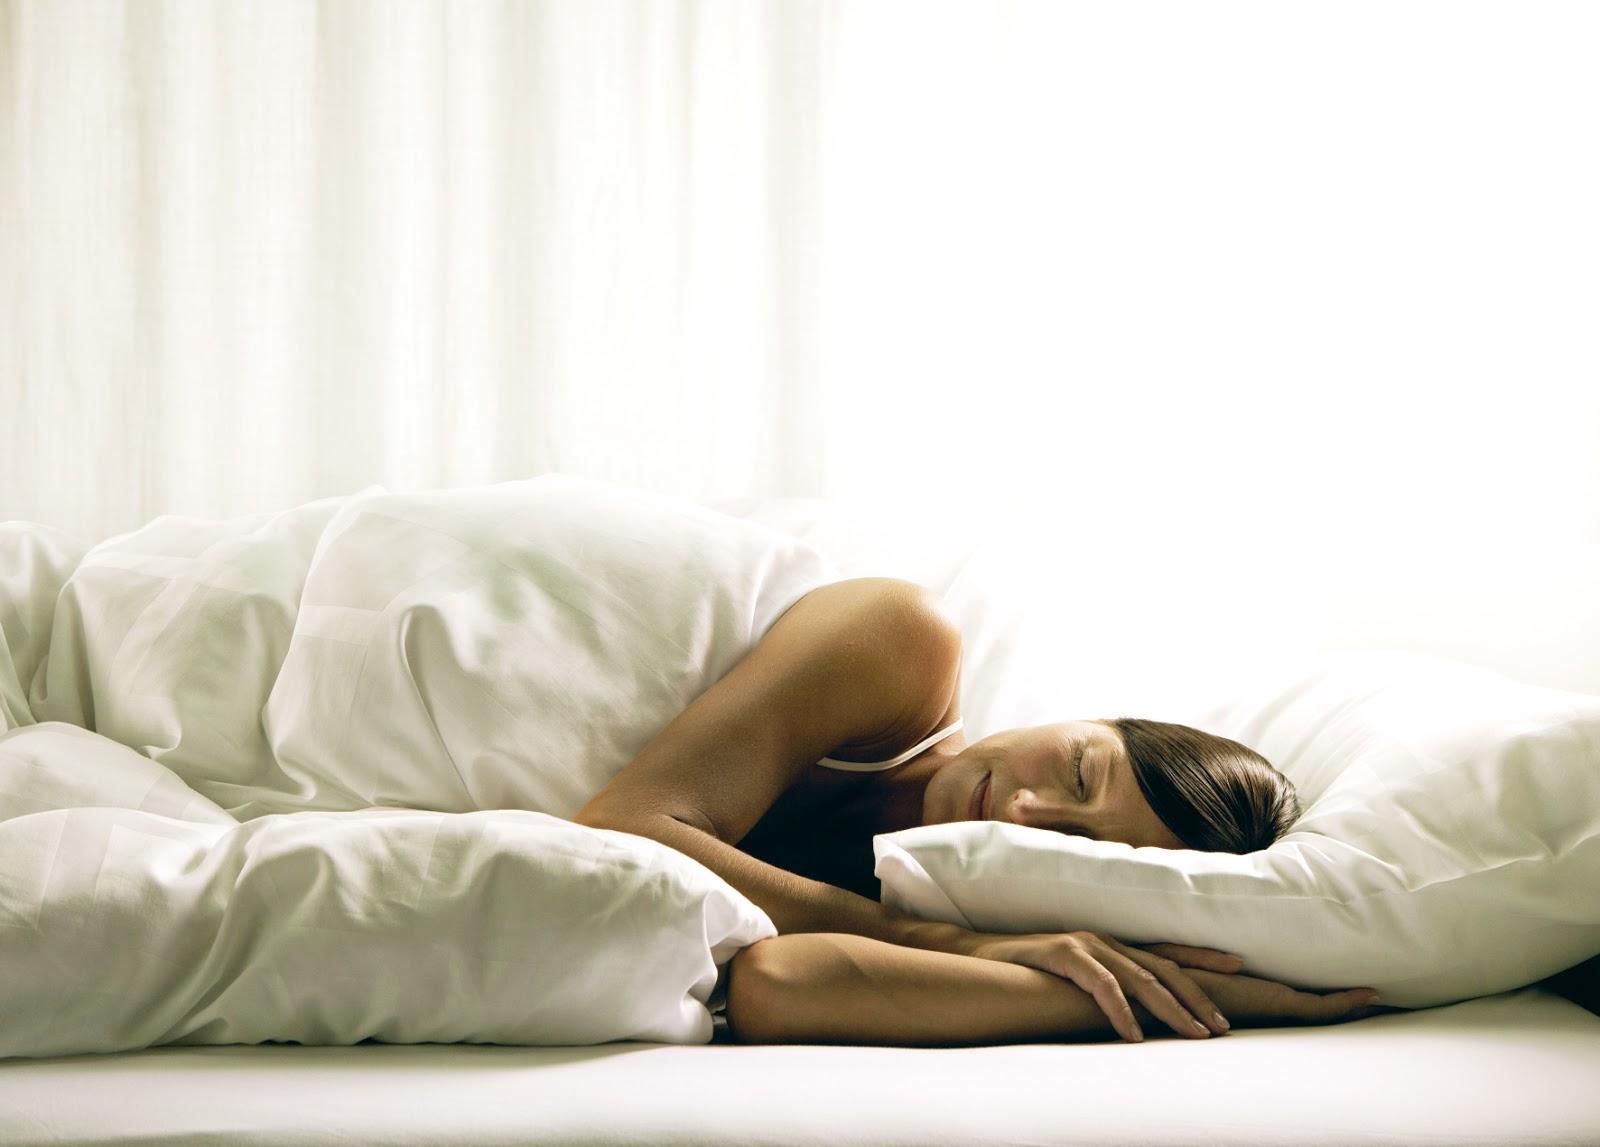 Como relaxar a mente para dormir? 5 dicas para atingir o sono profundo